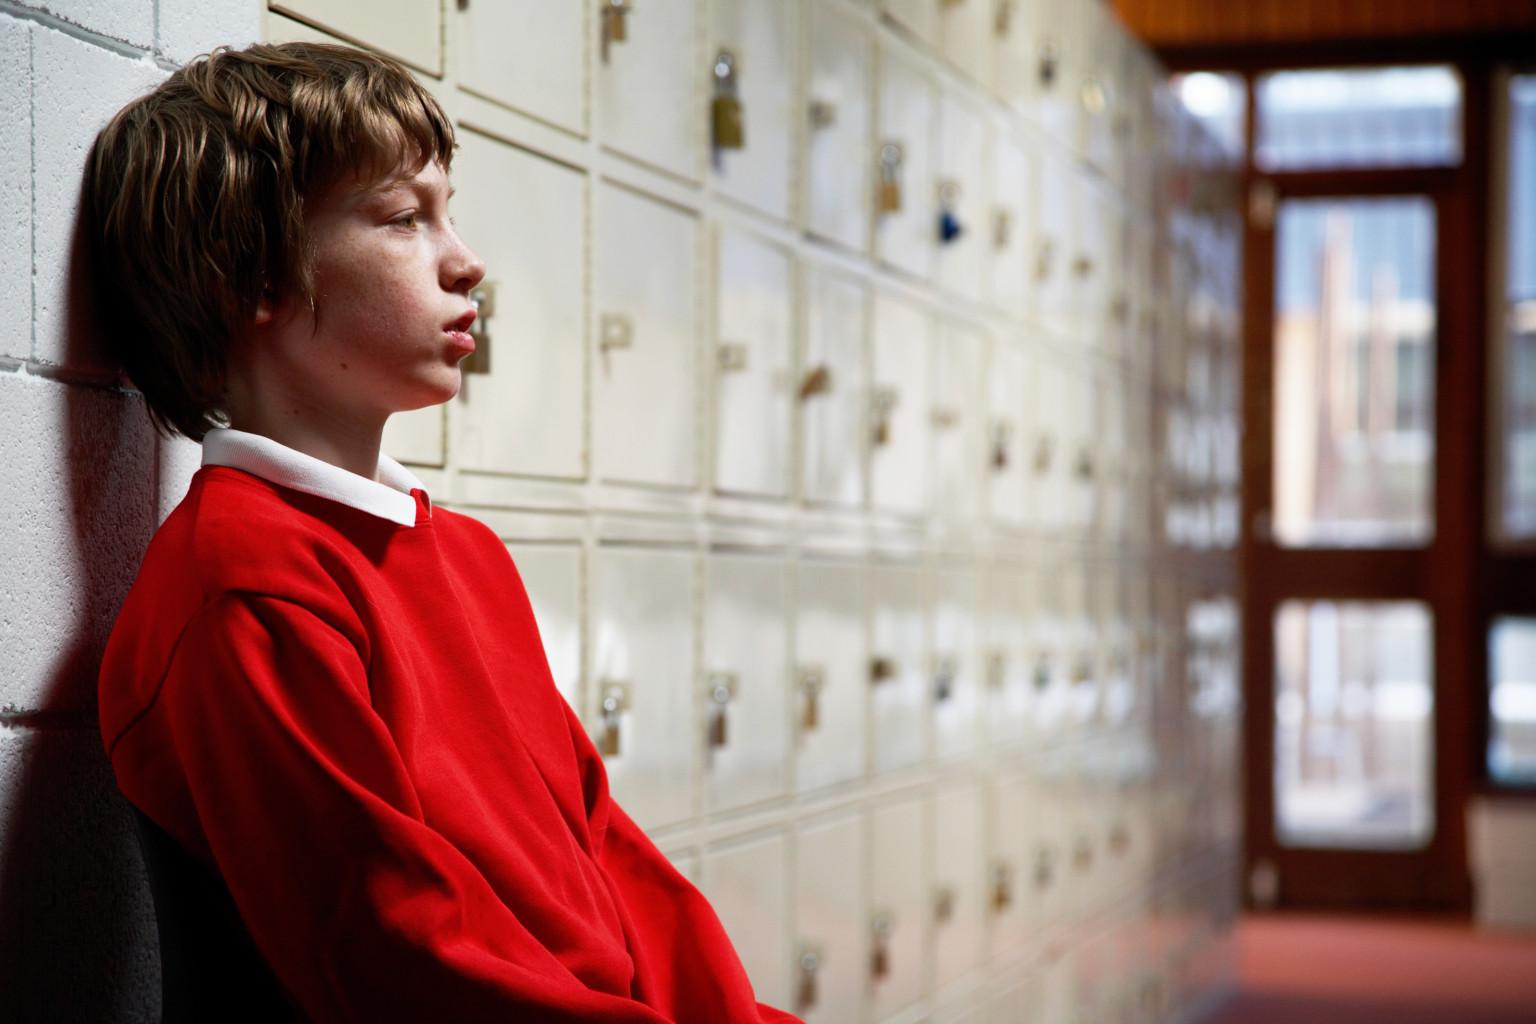 schoolboy sad